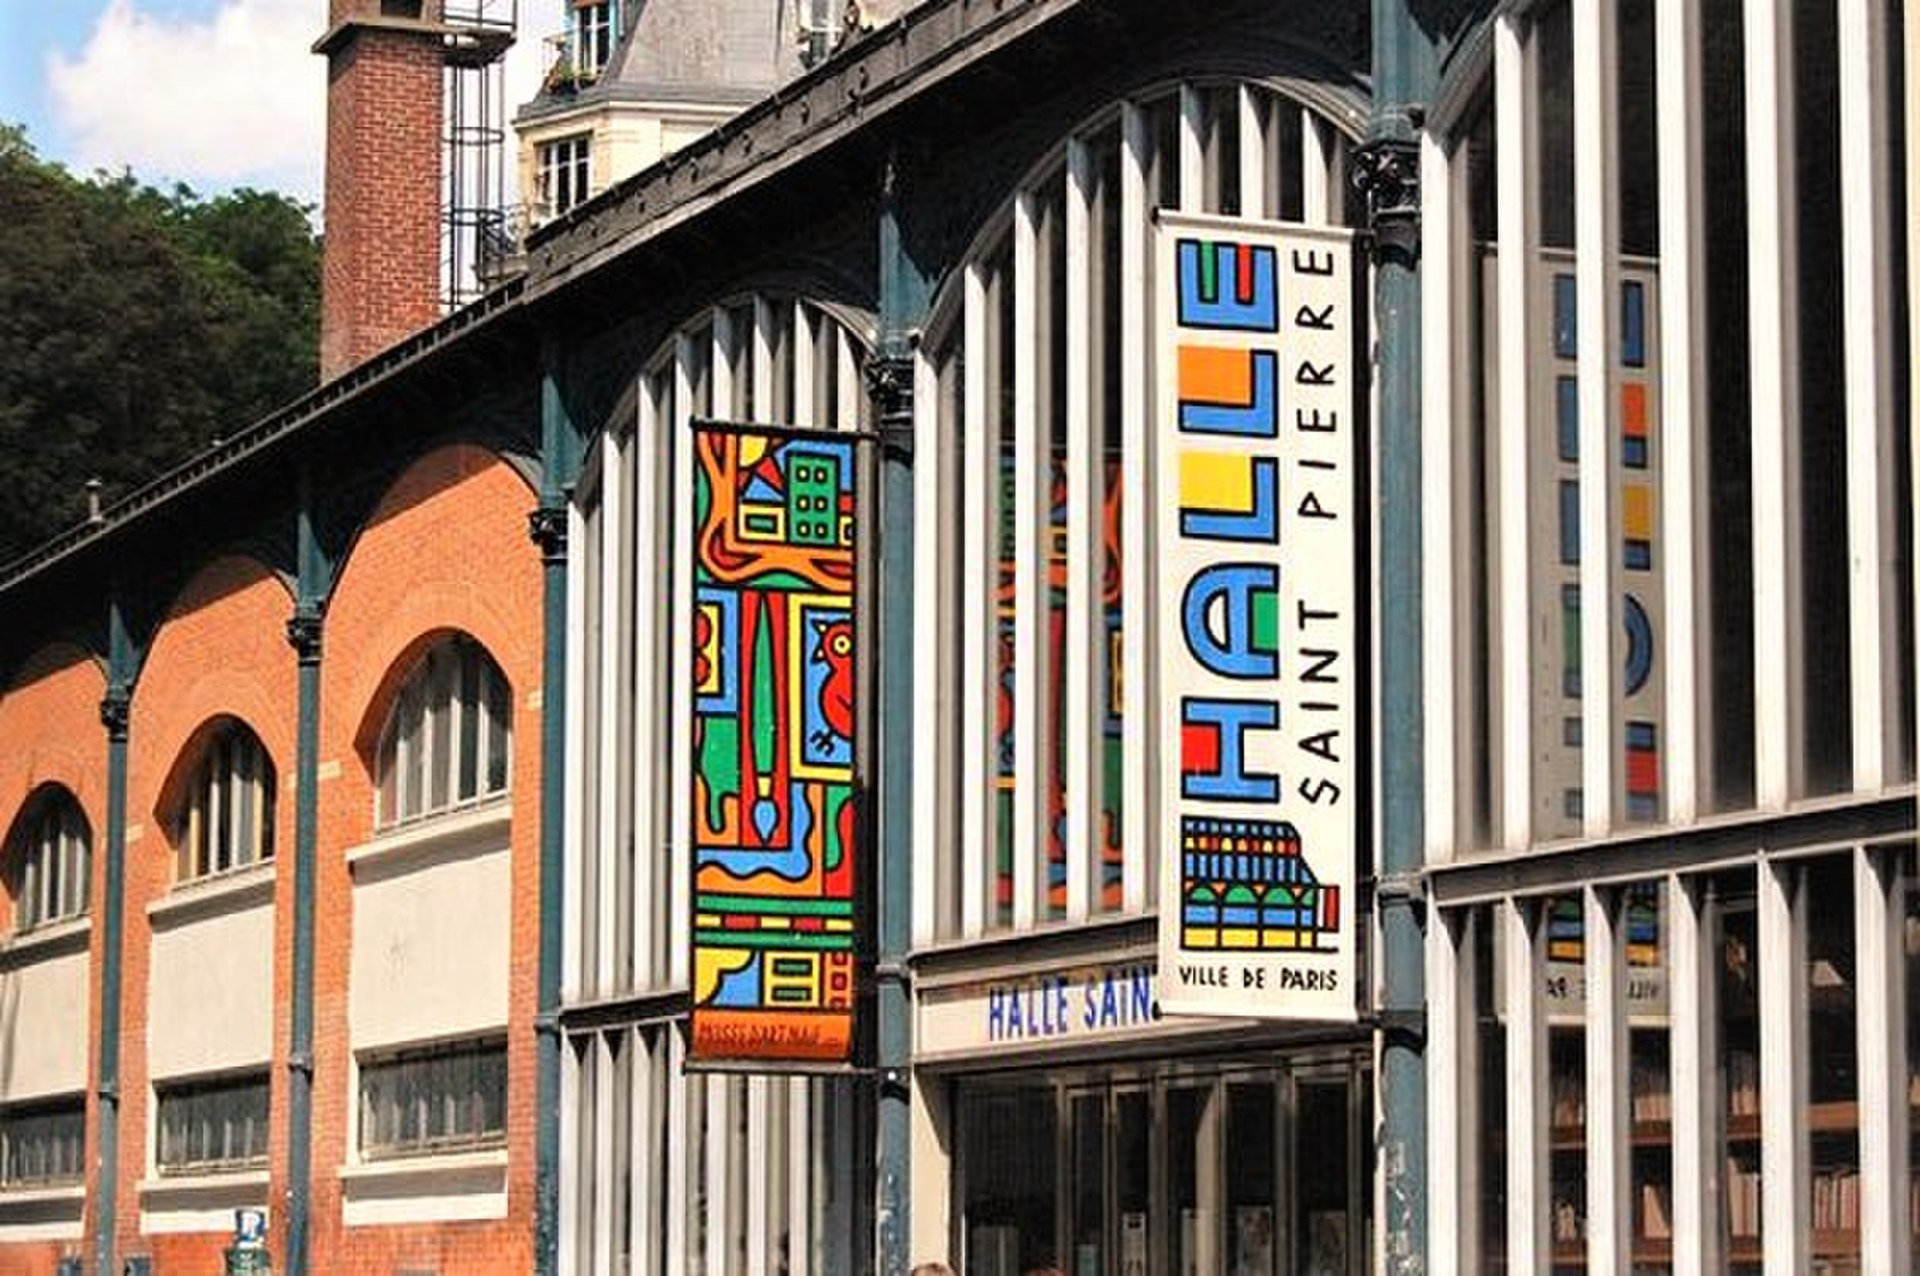 Halle saint pierre wikip dia - Musee art decoratif paris horaires ...